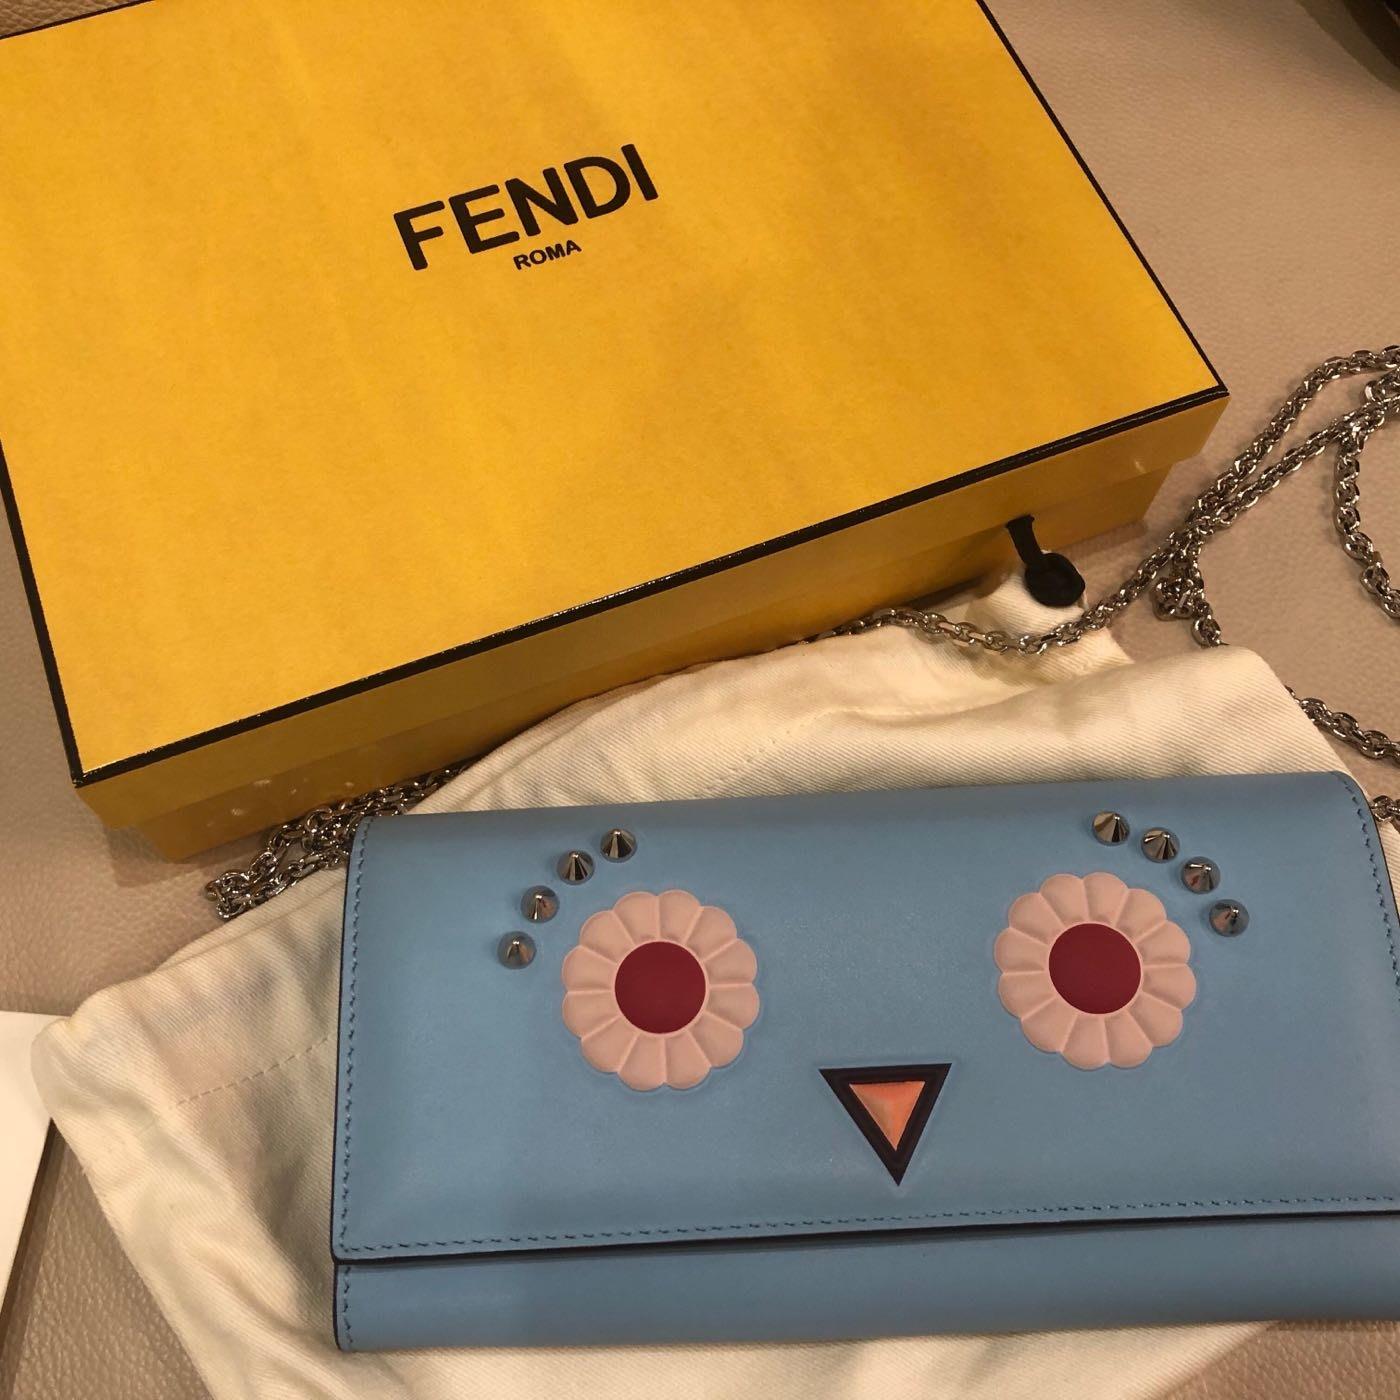 Fendi 怪獸 天藍 鏈條錢包 零錢包 錢包 化妝包 保證正品 防塵袋盒子 完整 情人節 生日禮物